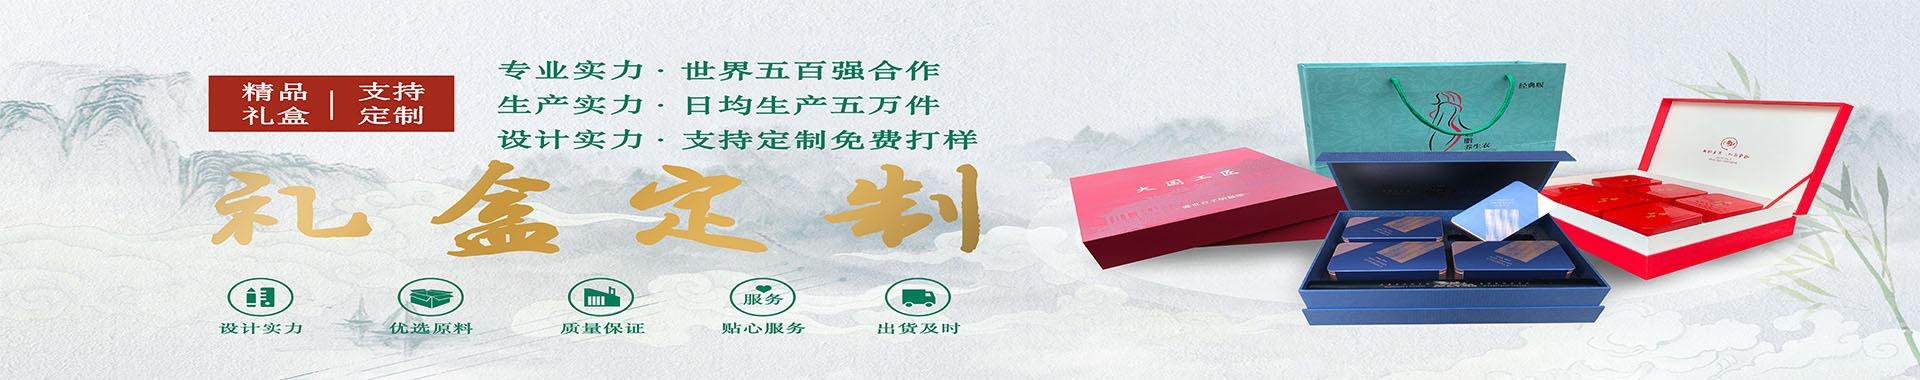 礼盒系列2-精品盒菜单